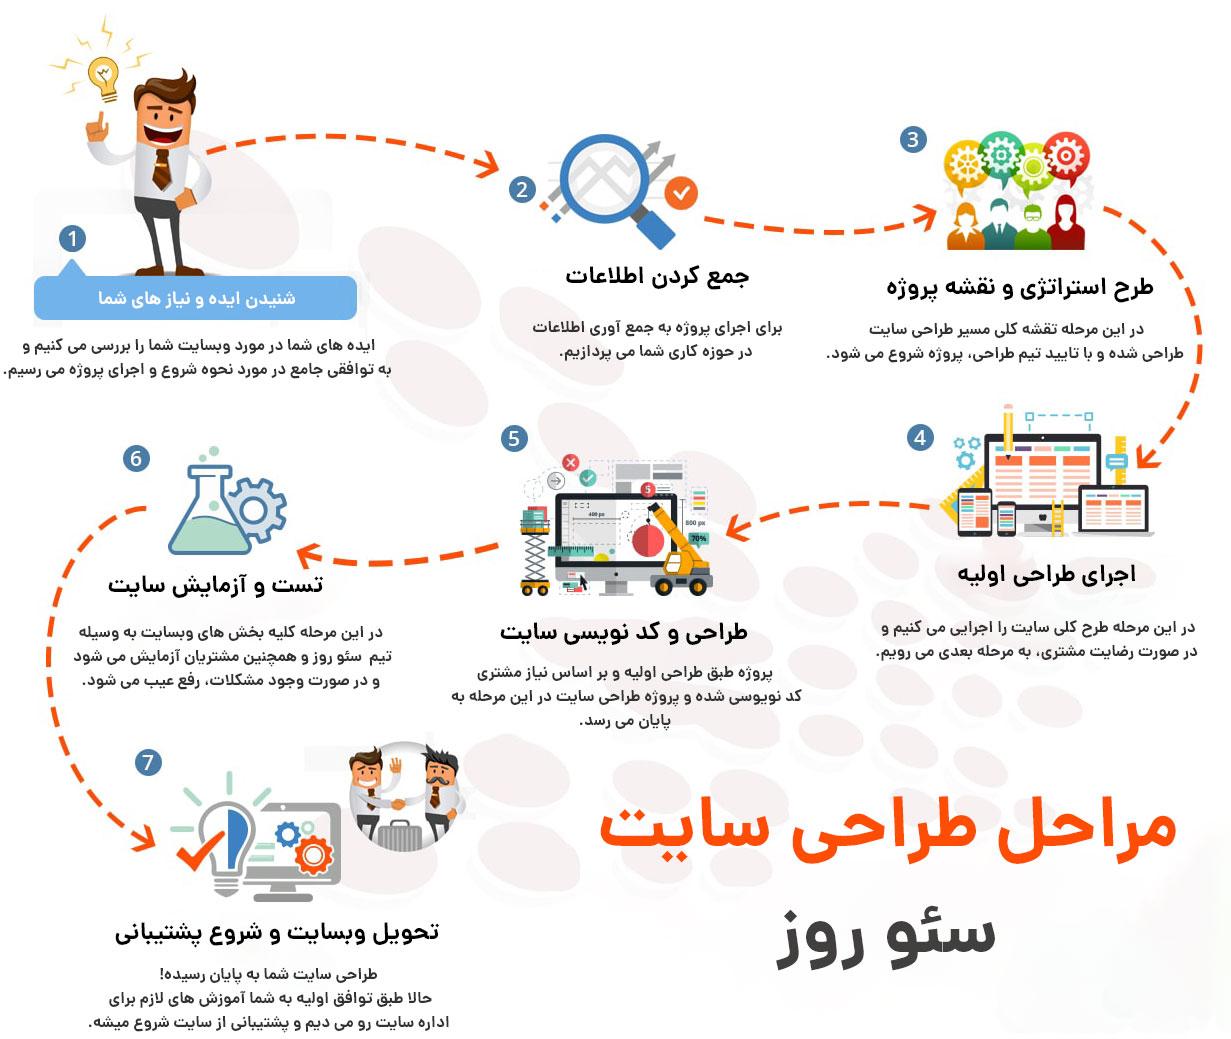 مراحل طراحی سایت در سئو روز